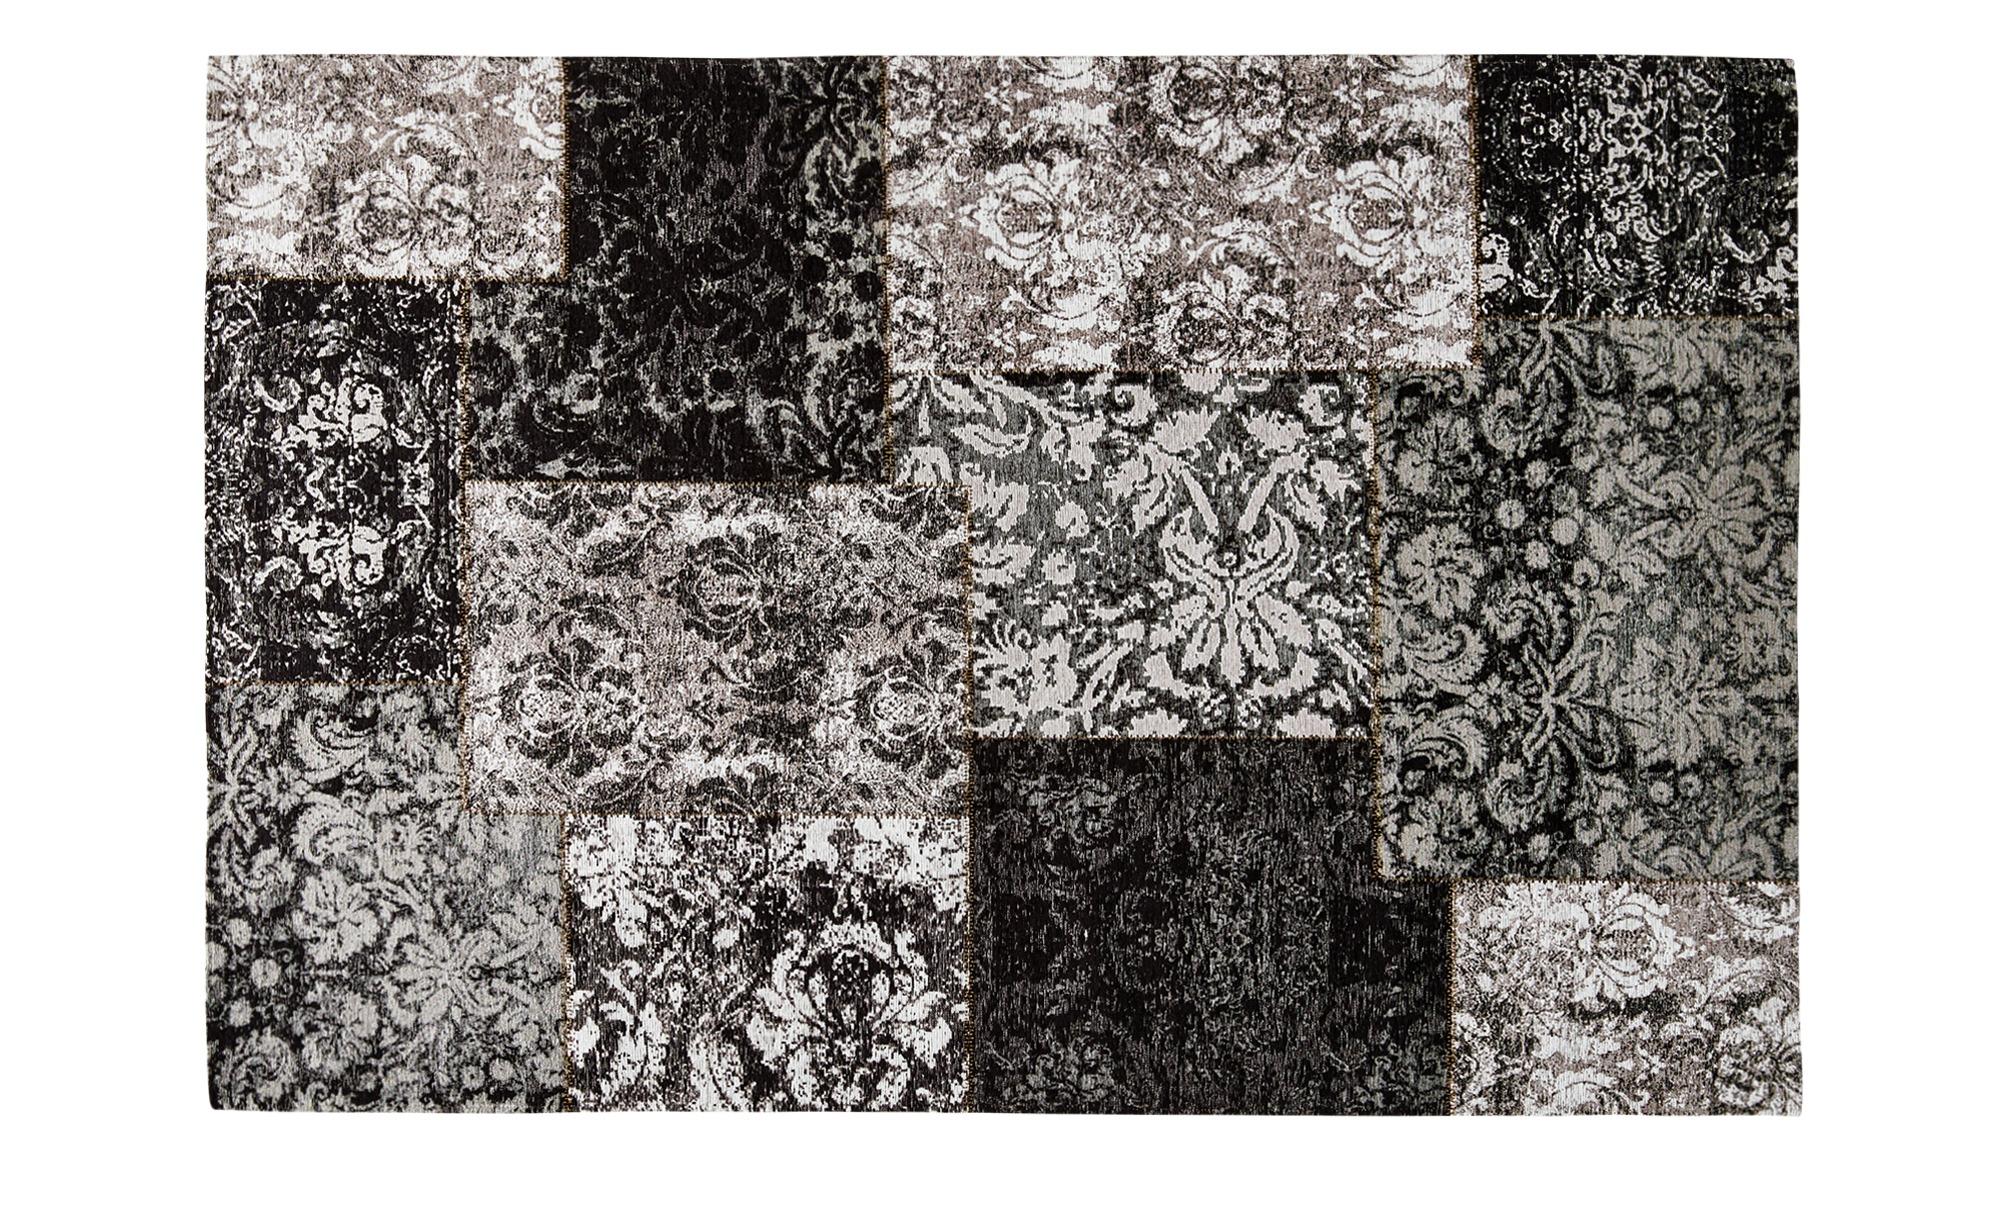 Webteppich  Antique ¦ schwarz ¦ 55% Acryl-Chenille, 27% Polyester, 18% Baumwolle, Synthethische Fasern ¦ Maße (cm): B: 80 Teppiche > Wohnteppiche > Vintage Teppiche - Höffner